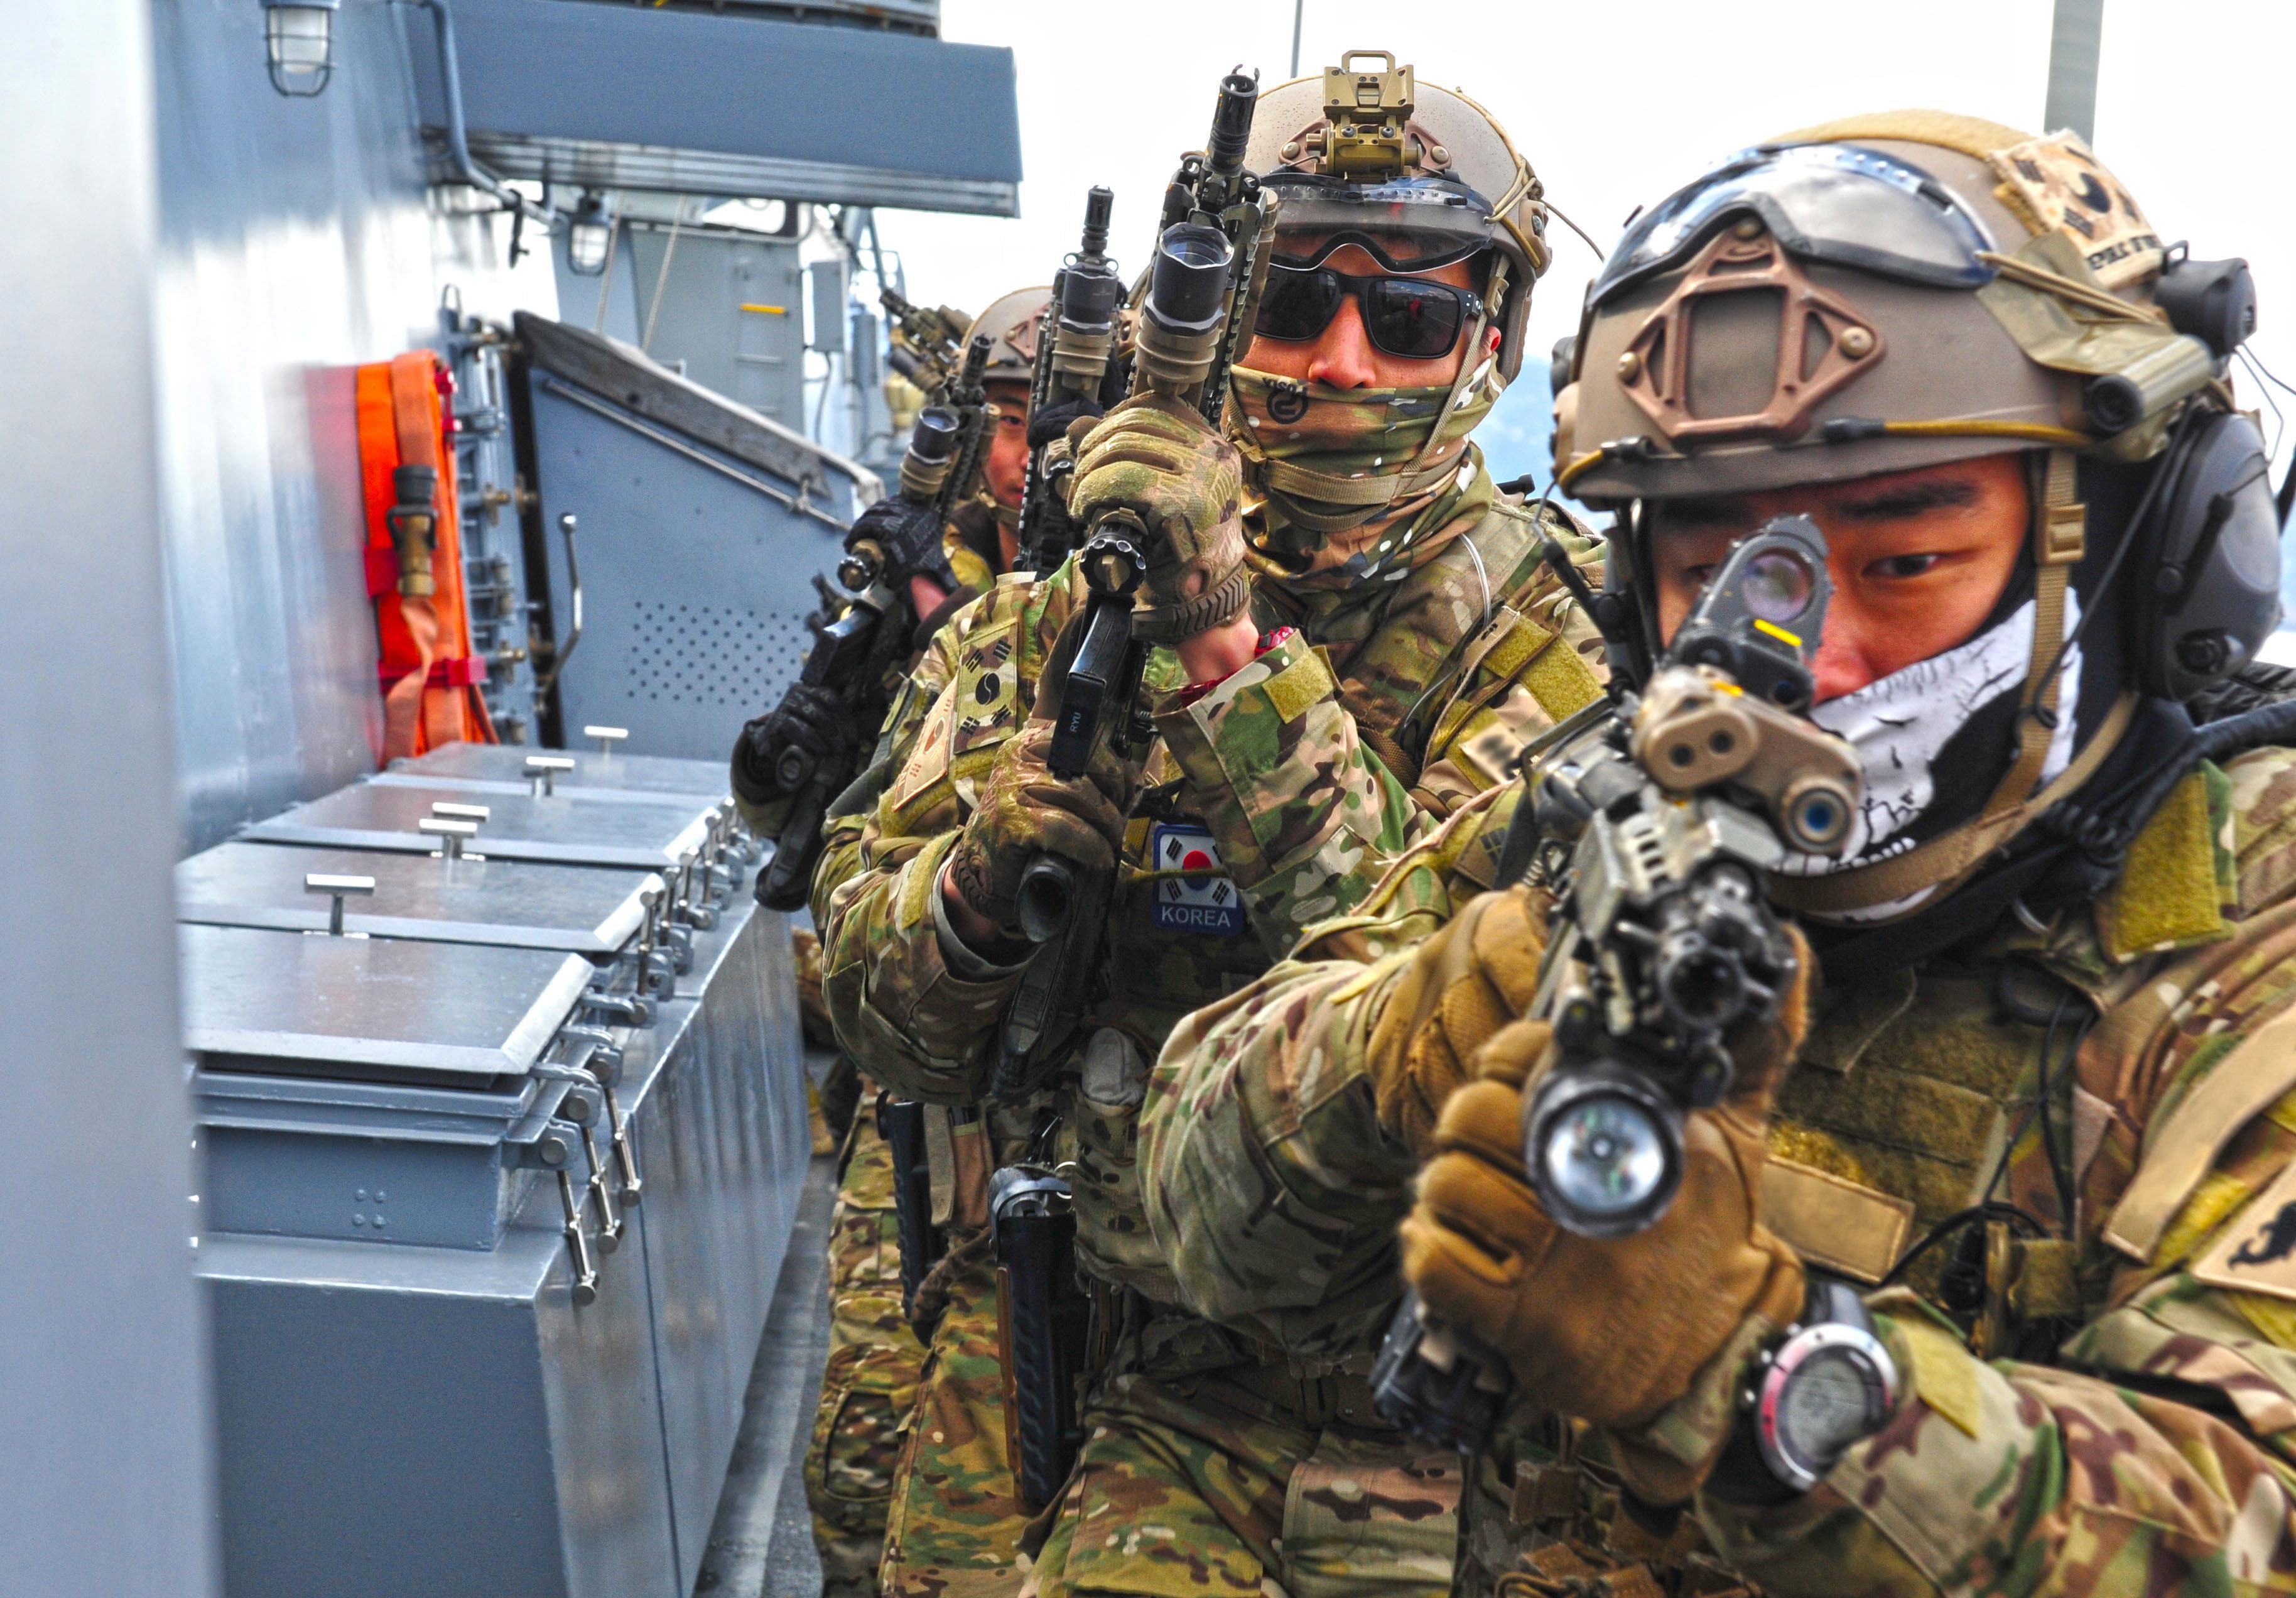 청해부대 23진 소속 해군 특수전전단(UDT/SEAL) 대원들이 피랍선박 대응작전을 수행하고